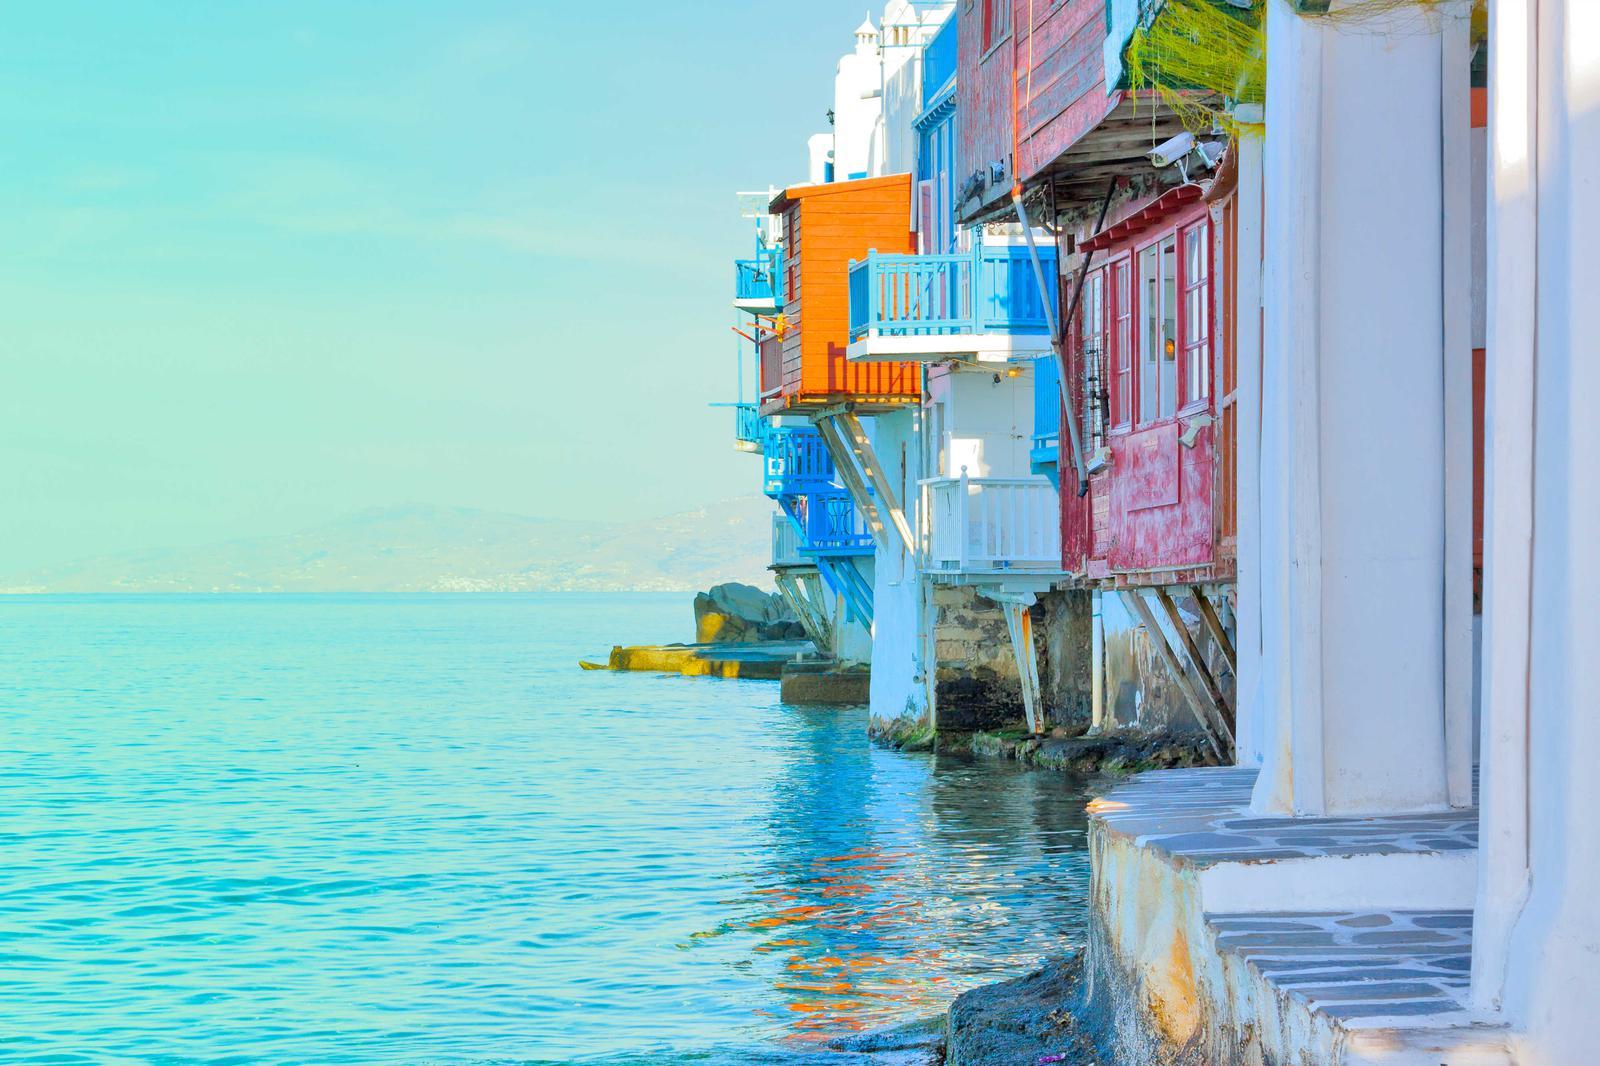 islas mediterraneo Mykonos, Grecia